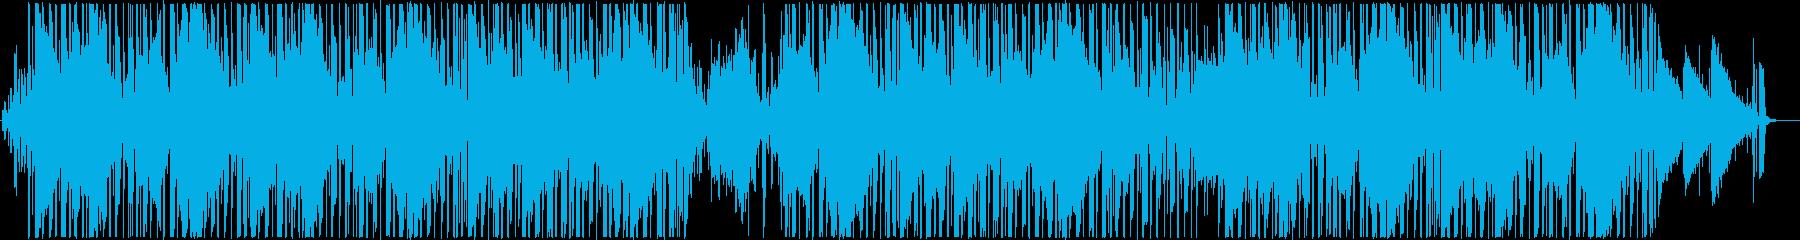 エレピとベースのメロウなヒップホップの再生済みの波形